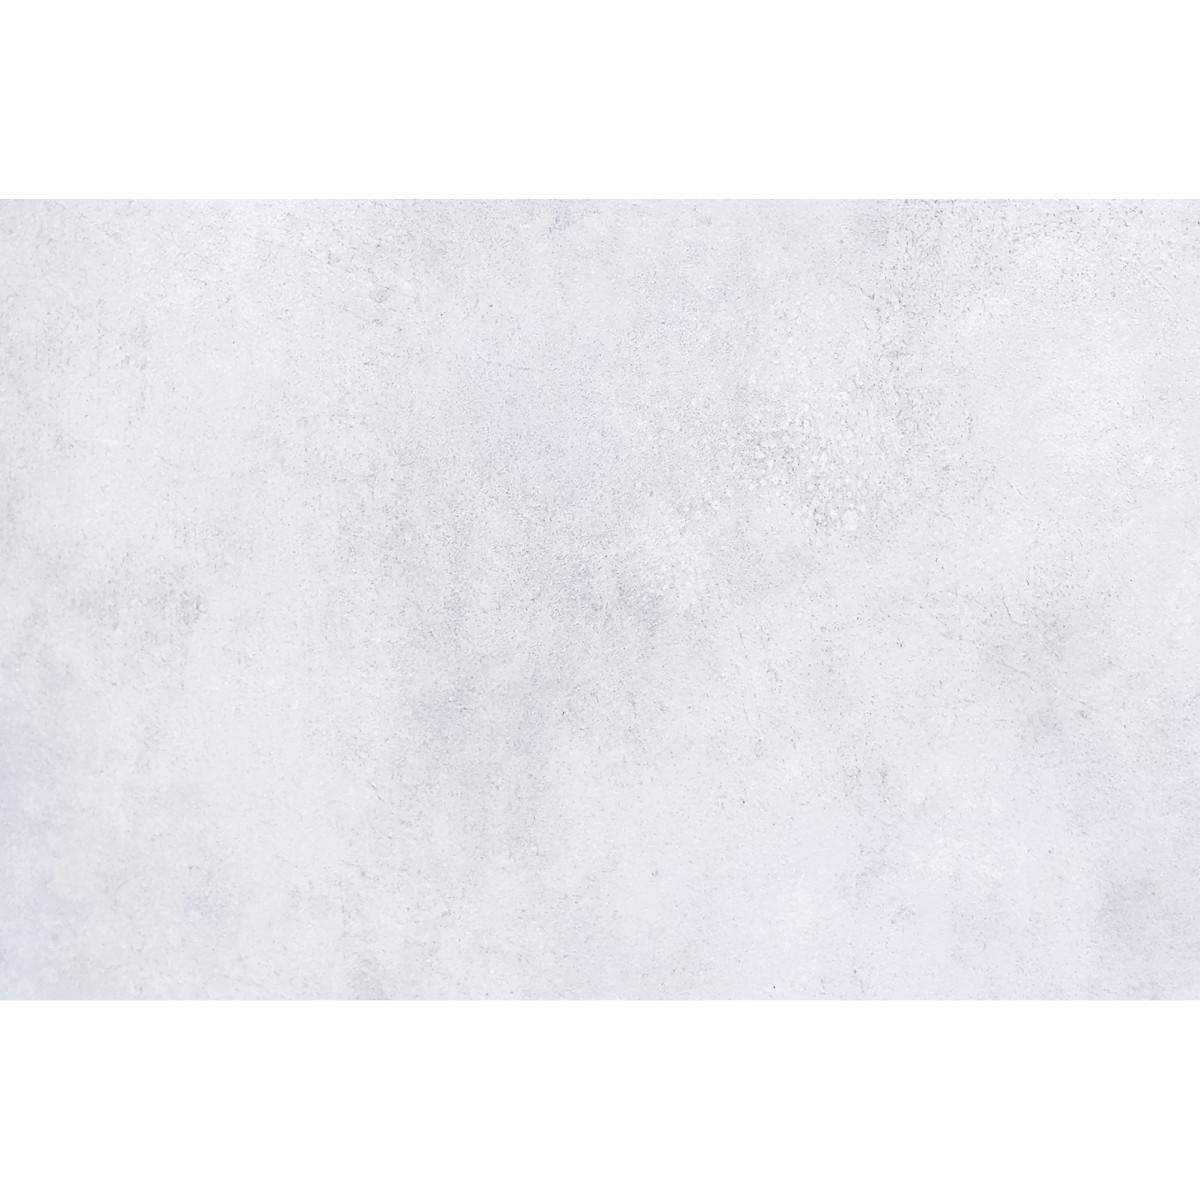 Плитка настенная Blaster 20х30 см 1.2 м² цвет серый